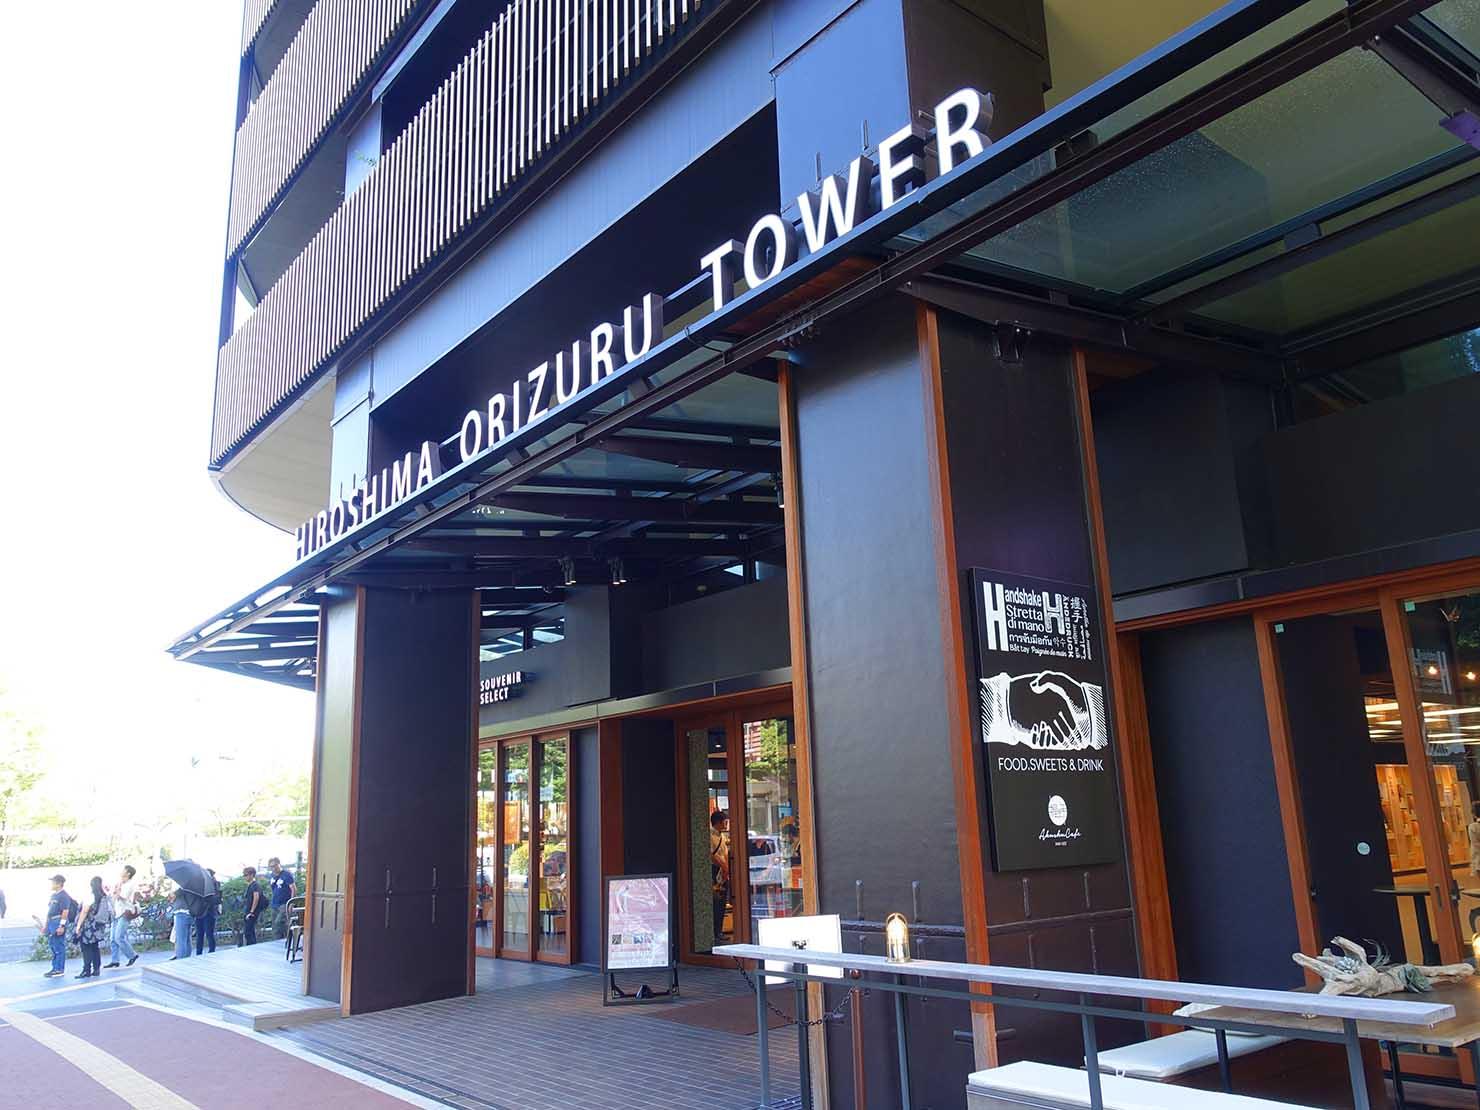 広島市内観光の見どころ「おりづるタワー」のエントランス